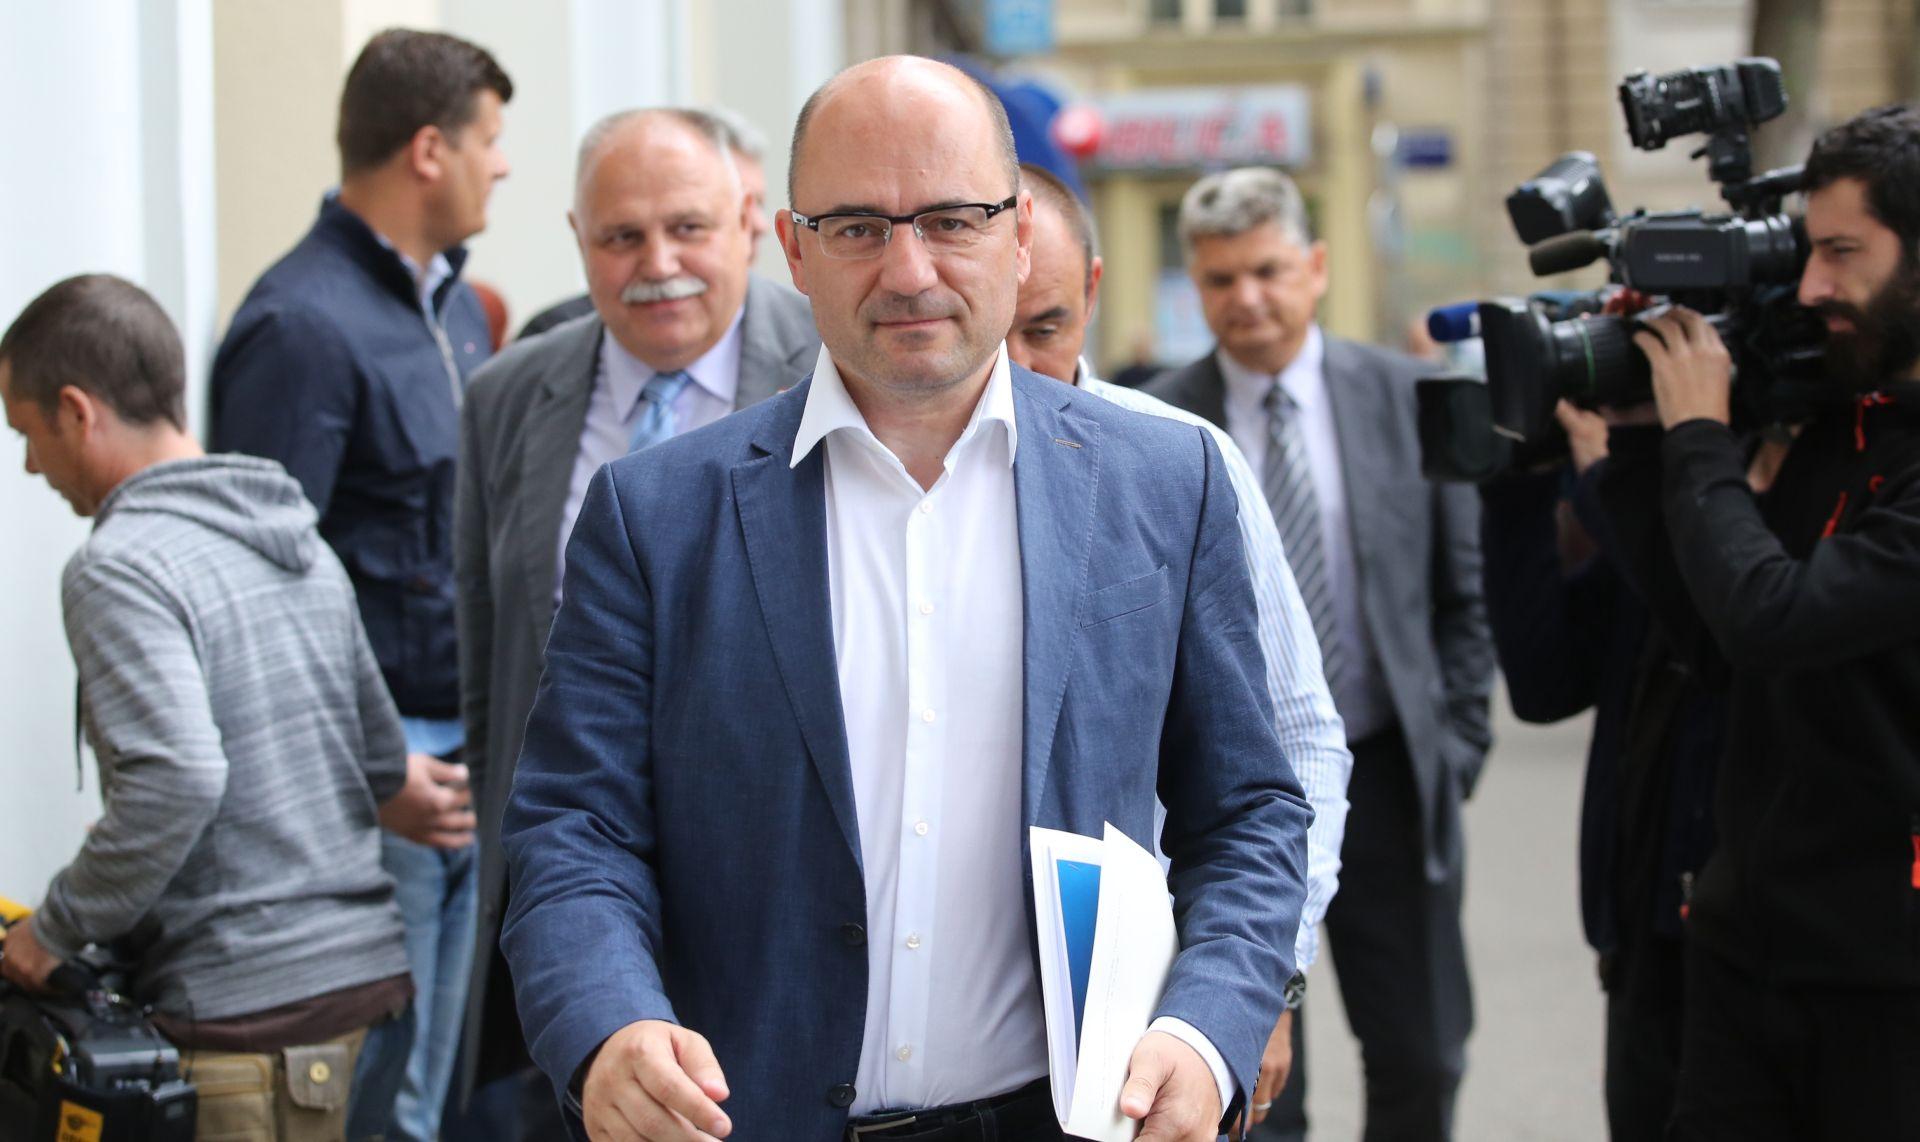 SJEDNICA NACIONALNOG VIJEĆA HDZ-a: Milijan Brkić predložio da bude 14. u drugoj jedinici